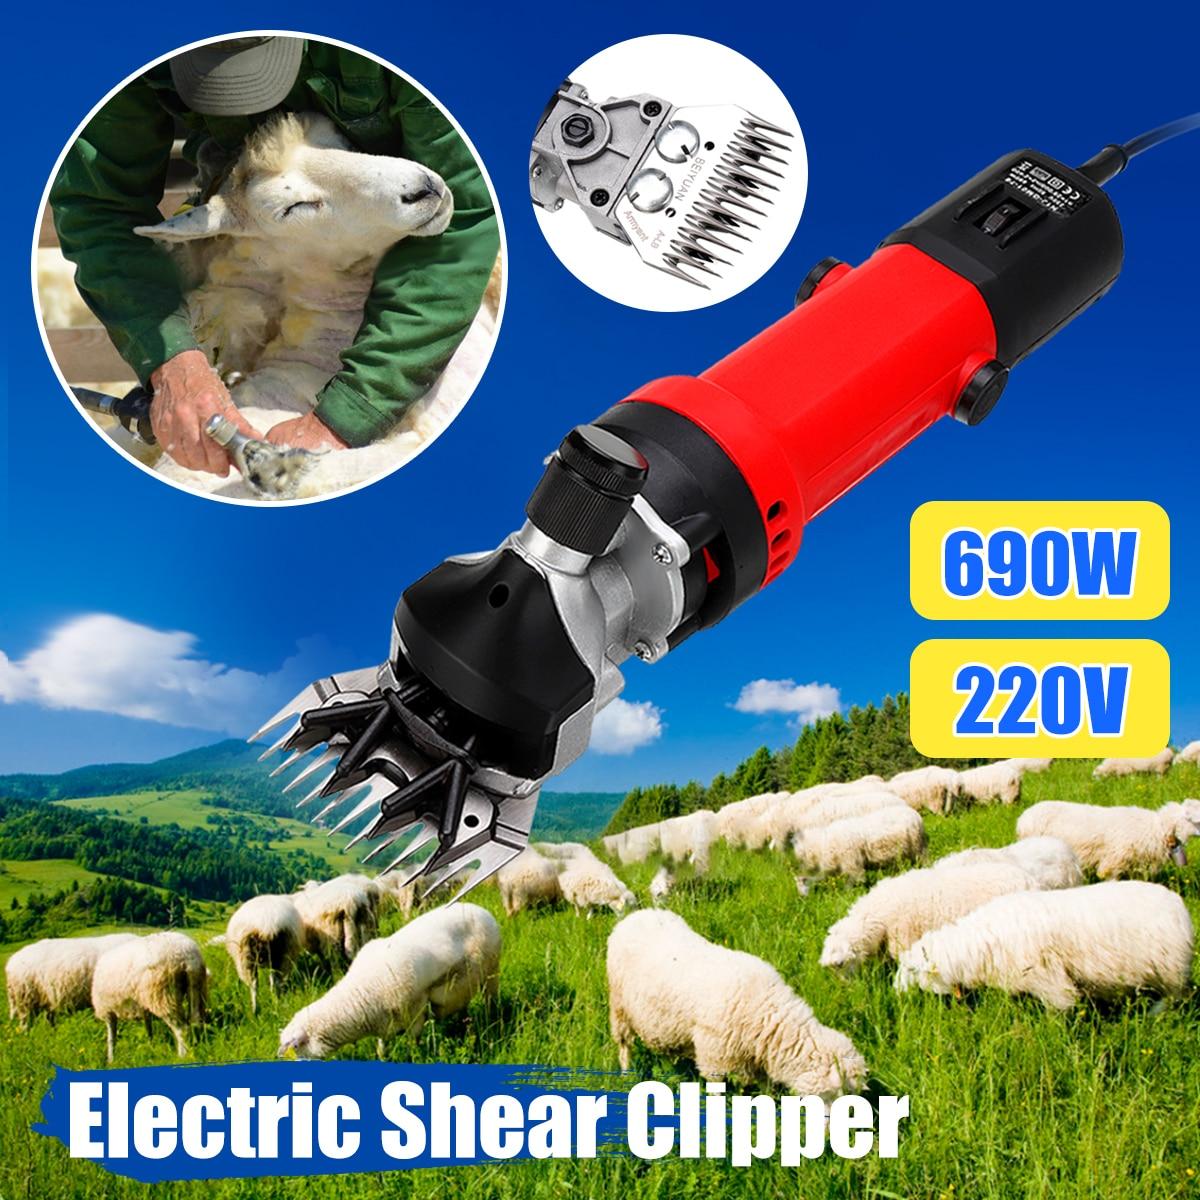 EU Plug 690W Electric Shearing Clipper Pet Sheep Shear Alpaca Goat Farm Wool Cut Trimmer 220V For Wool Electric Sheep Shearing 220v electric shearing machine sheep goat clipper 690w 2800r min y